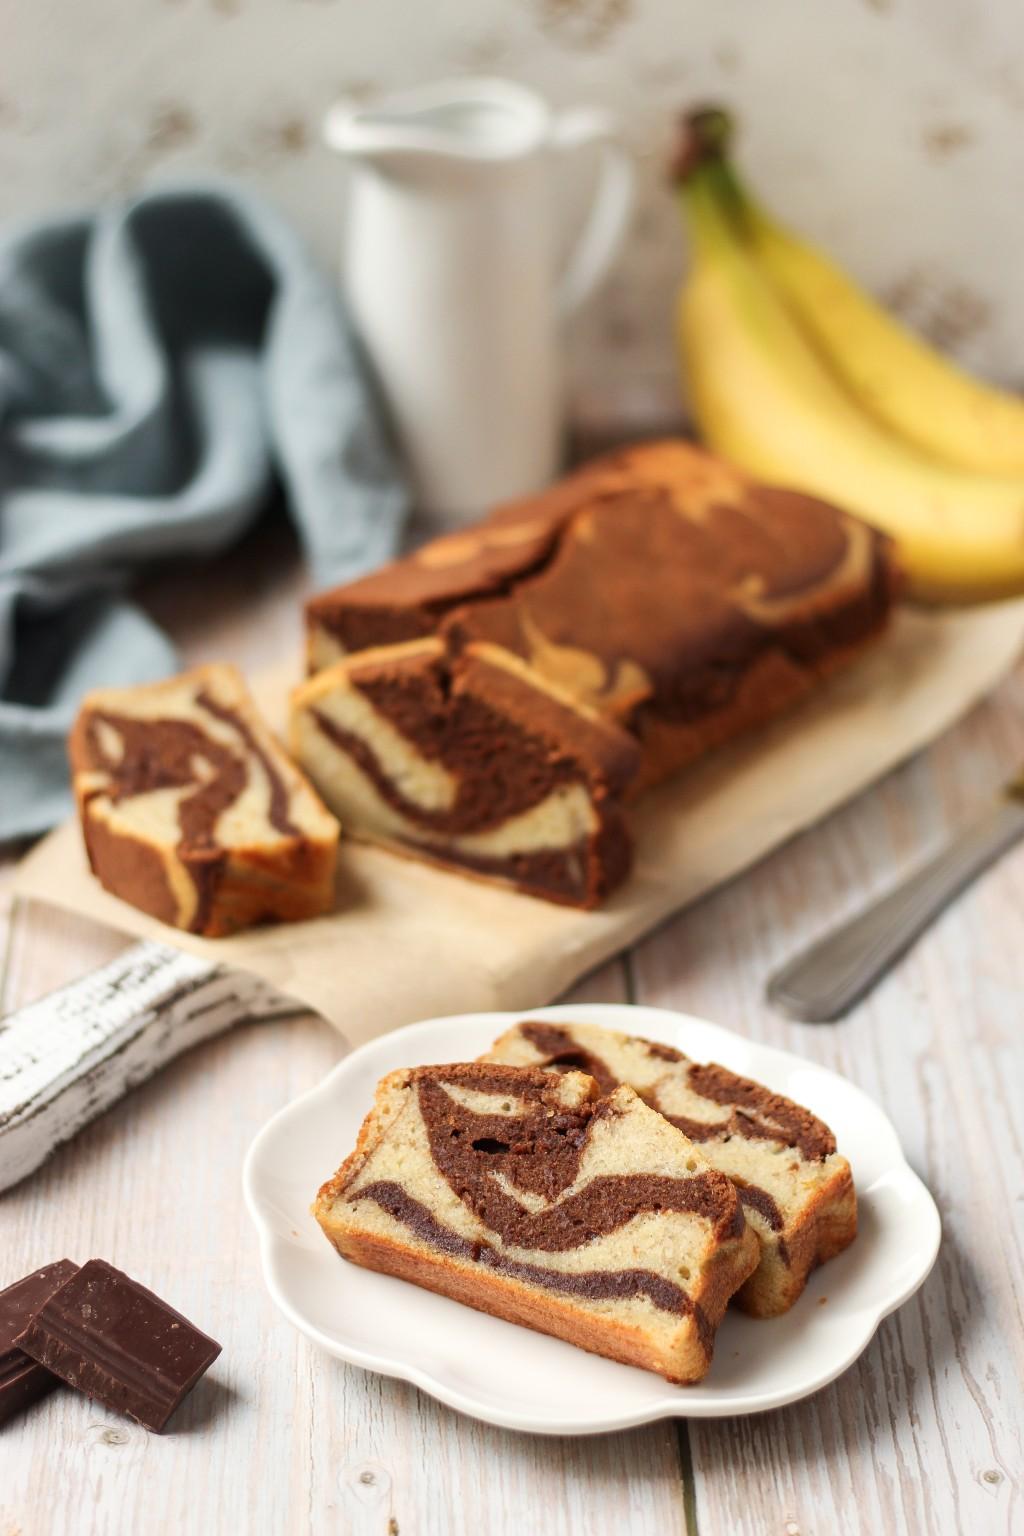 Mramorni banana kolač 3